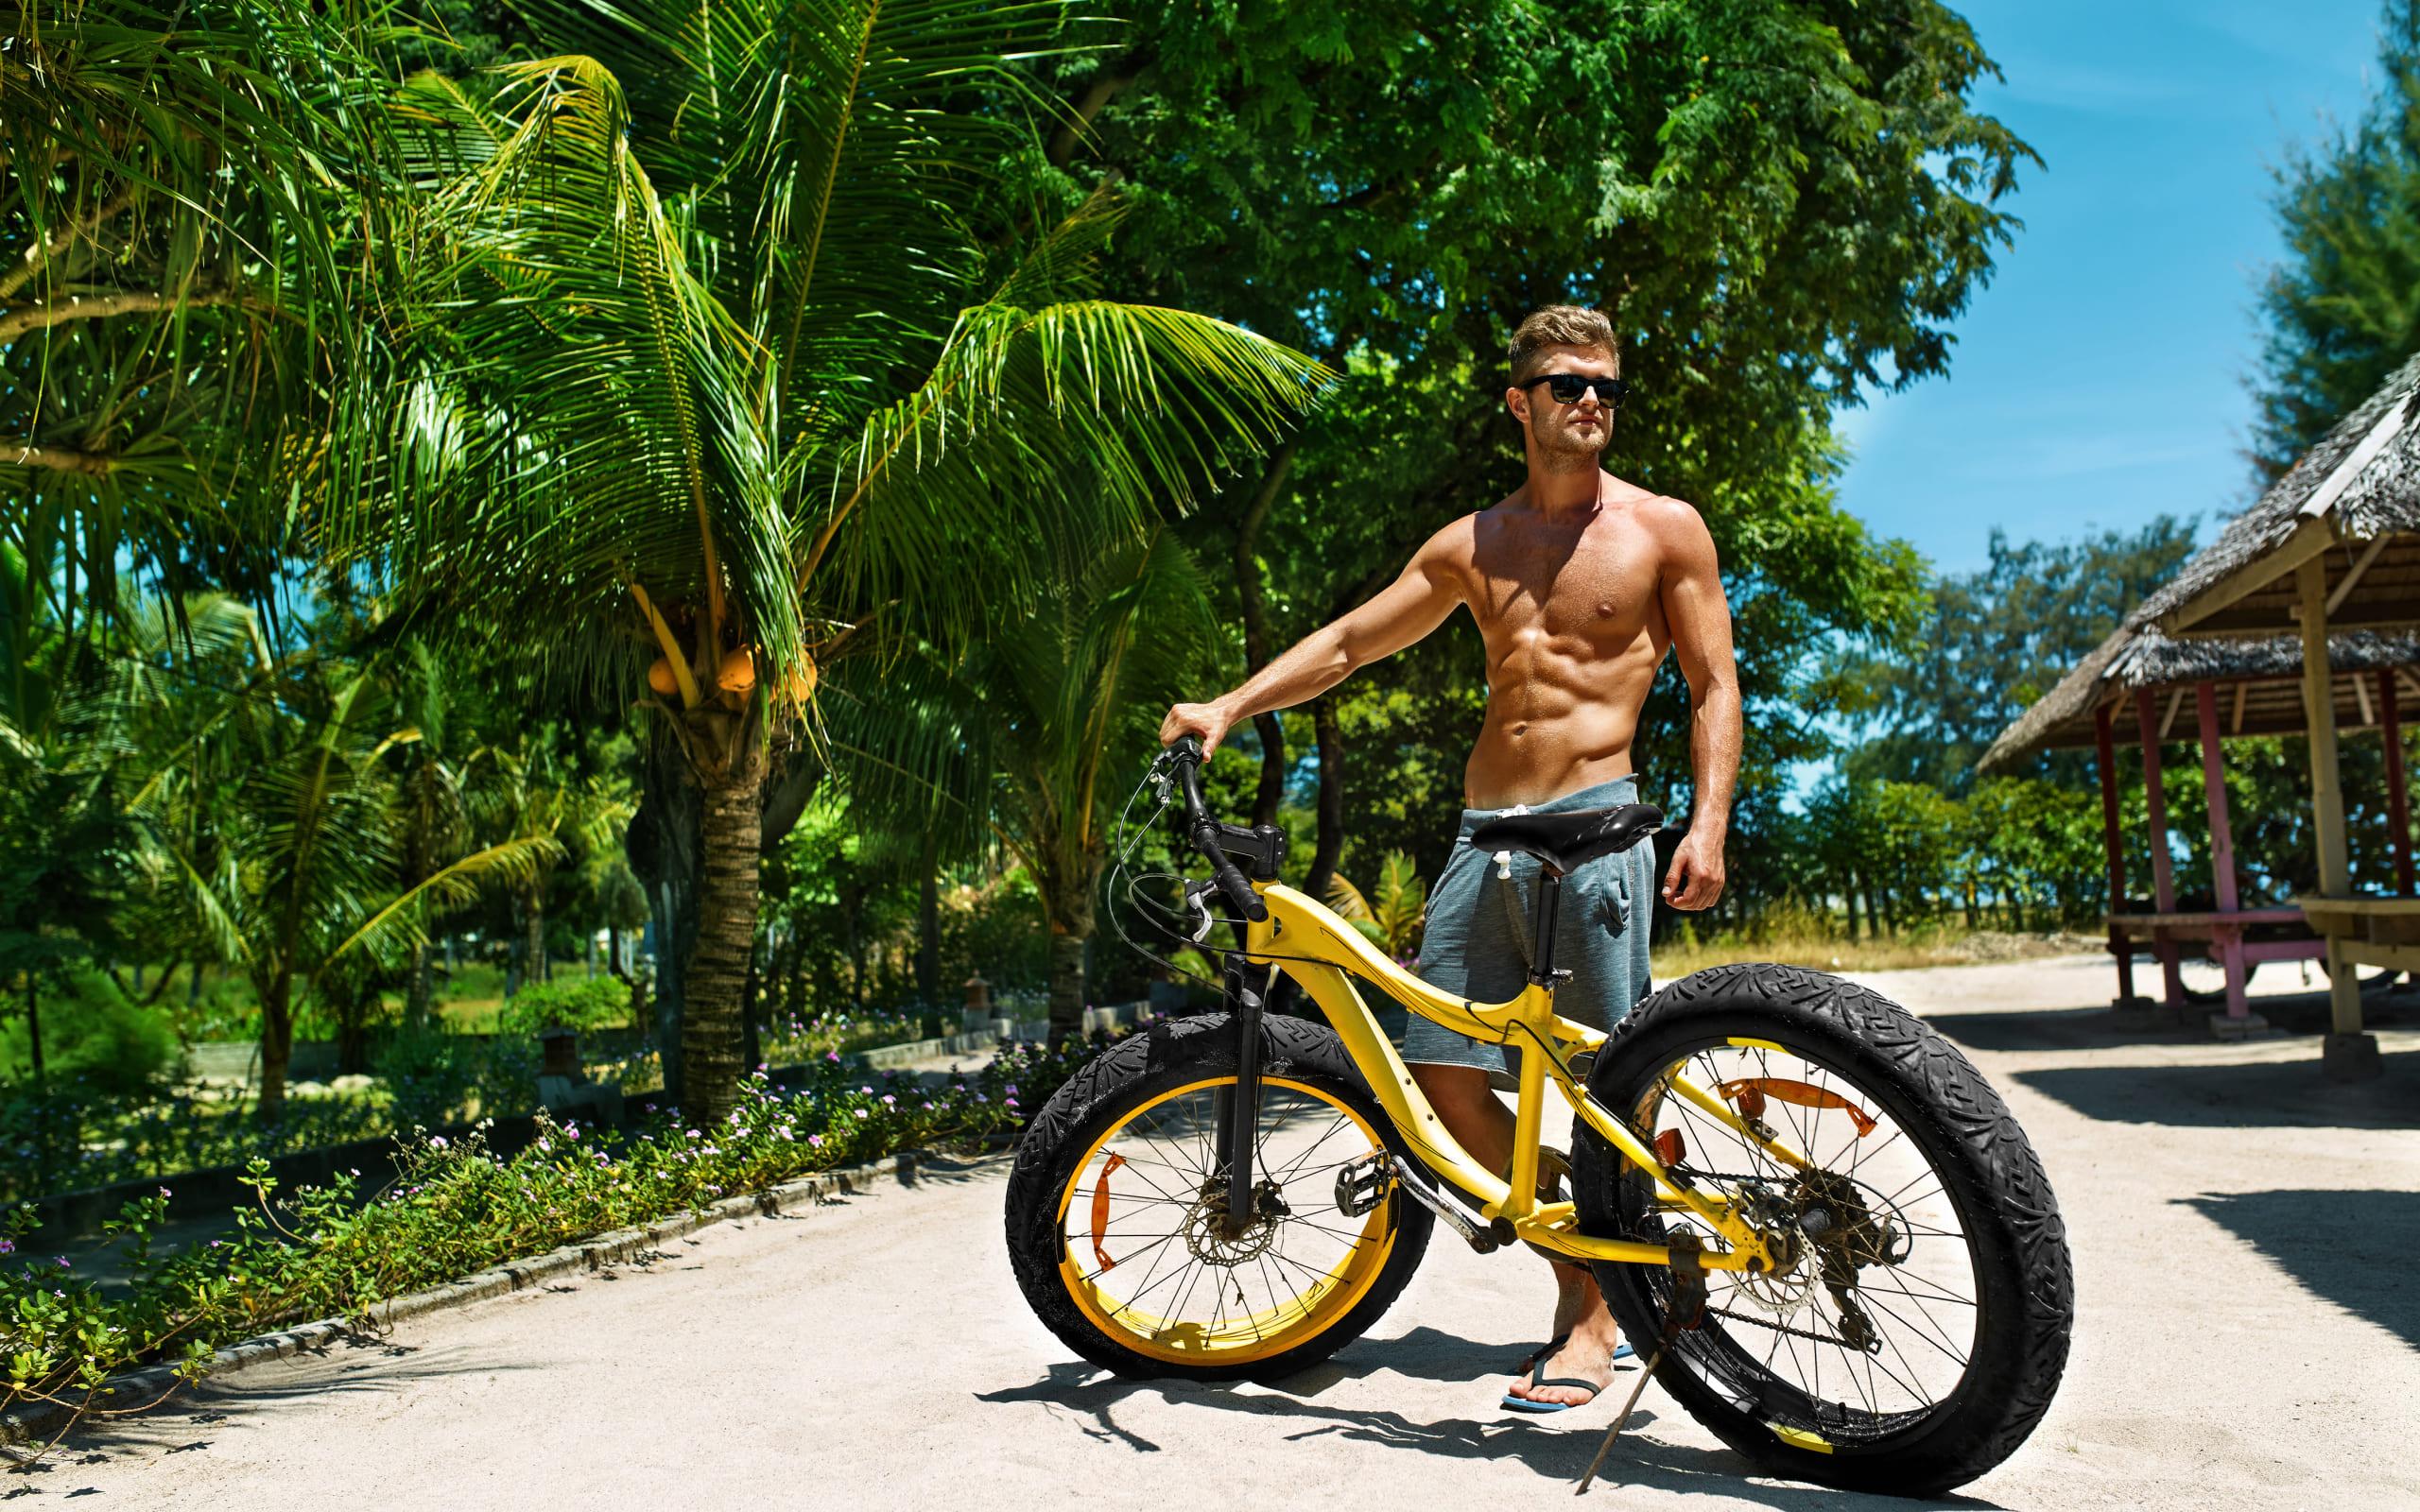 Красивый мужчина в очках с велосипедом, 2560 на 1600 пикселей